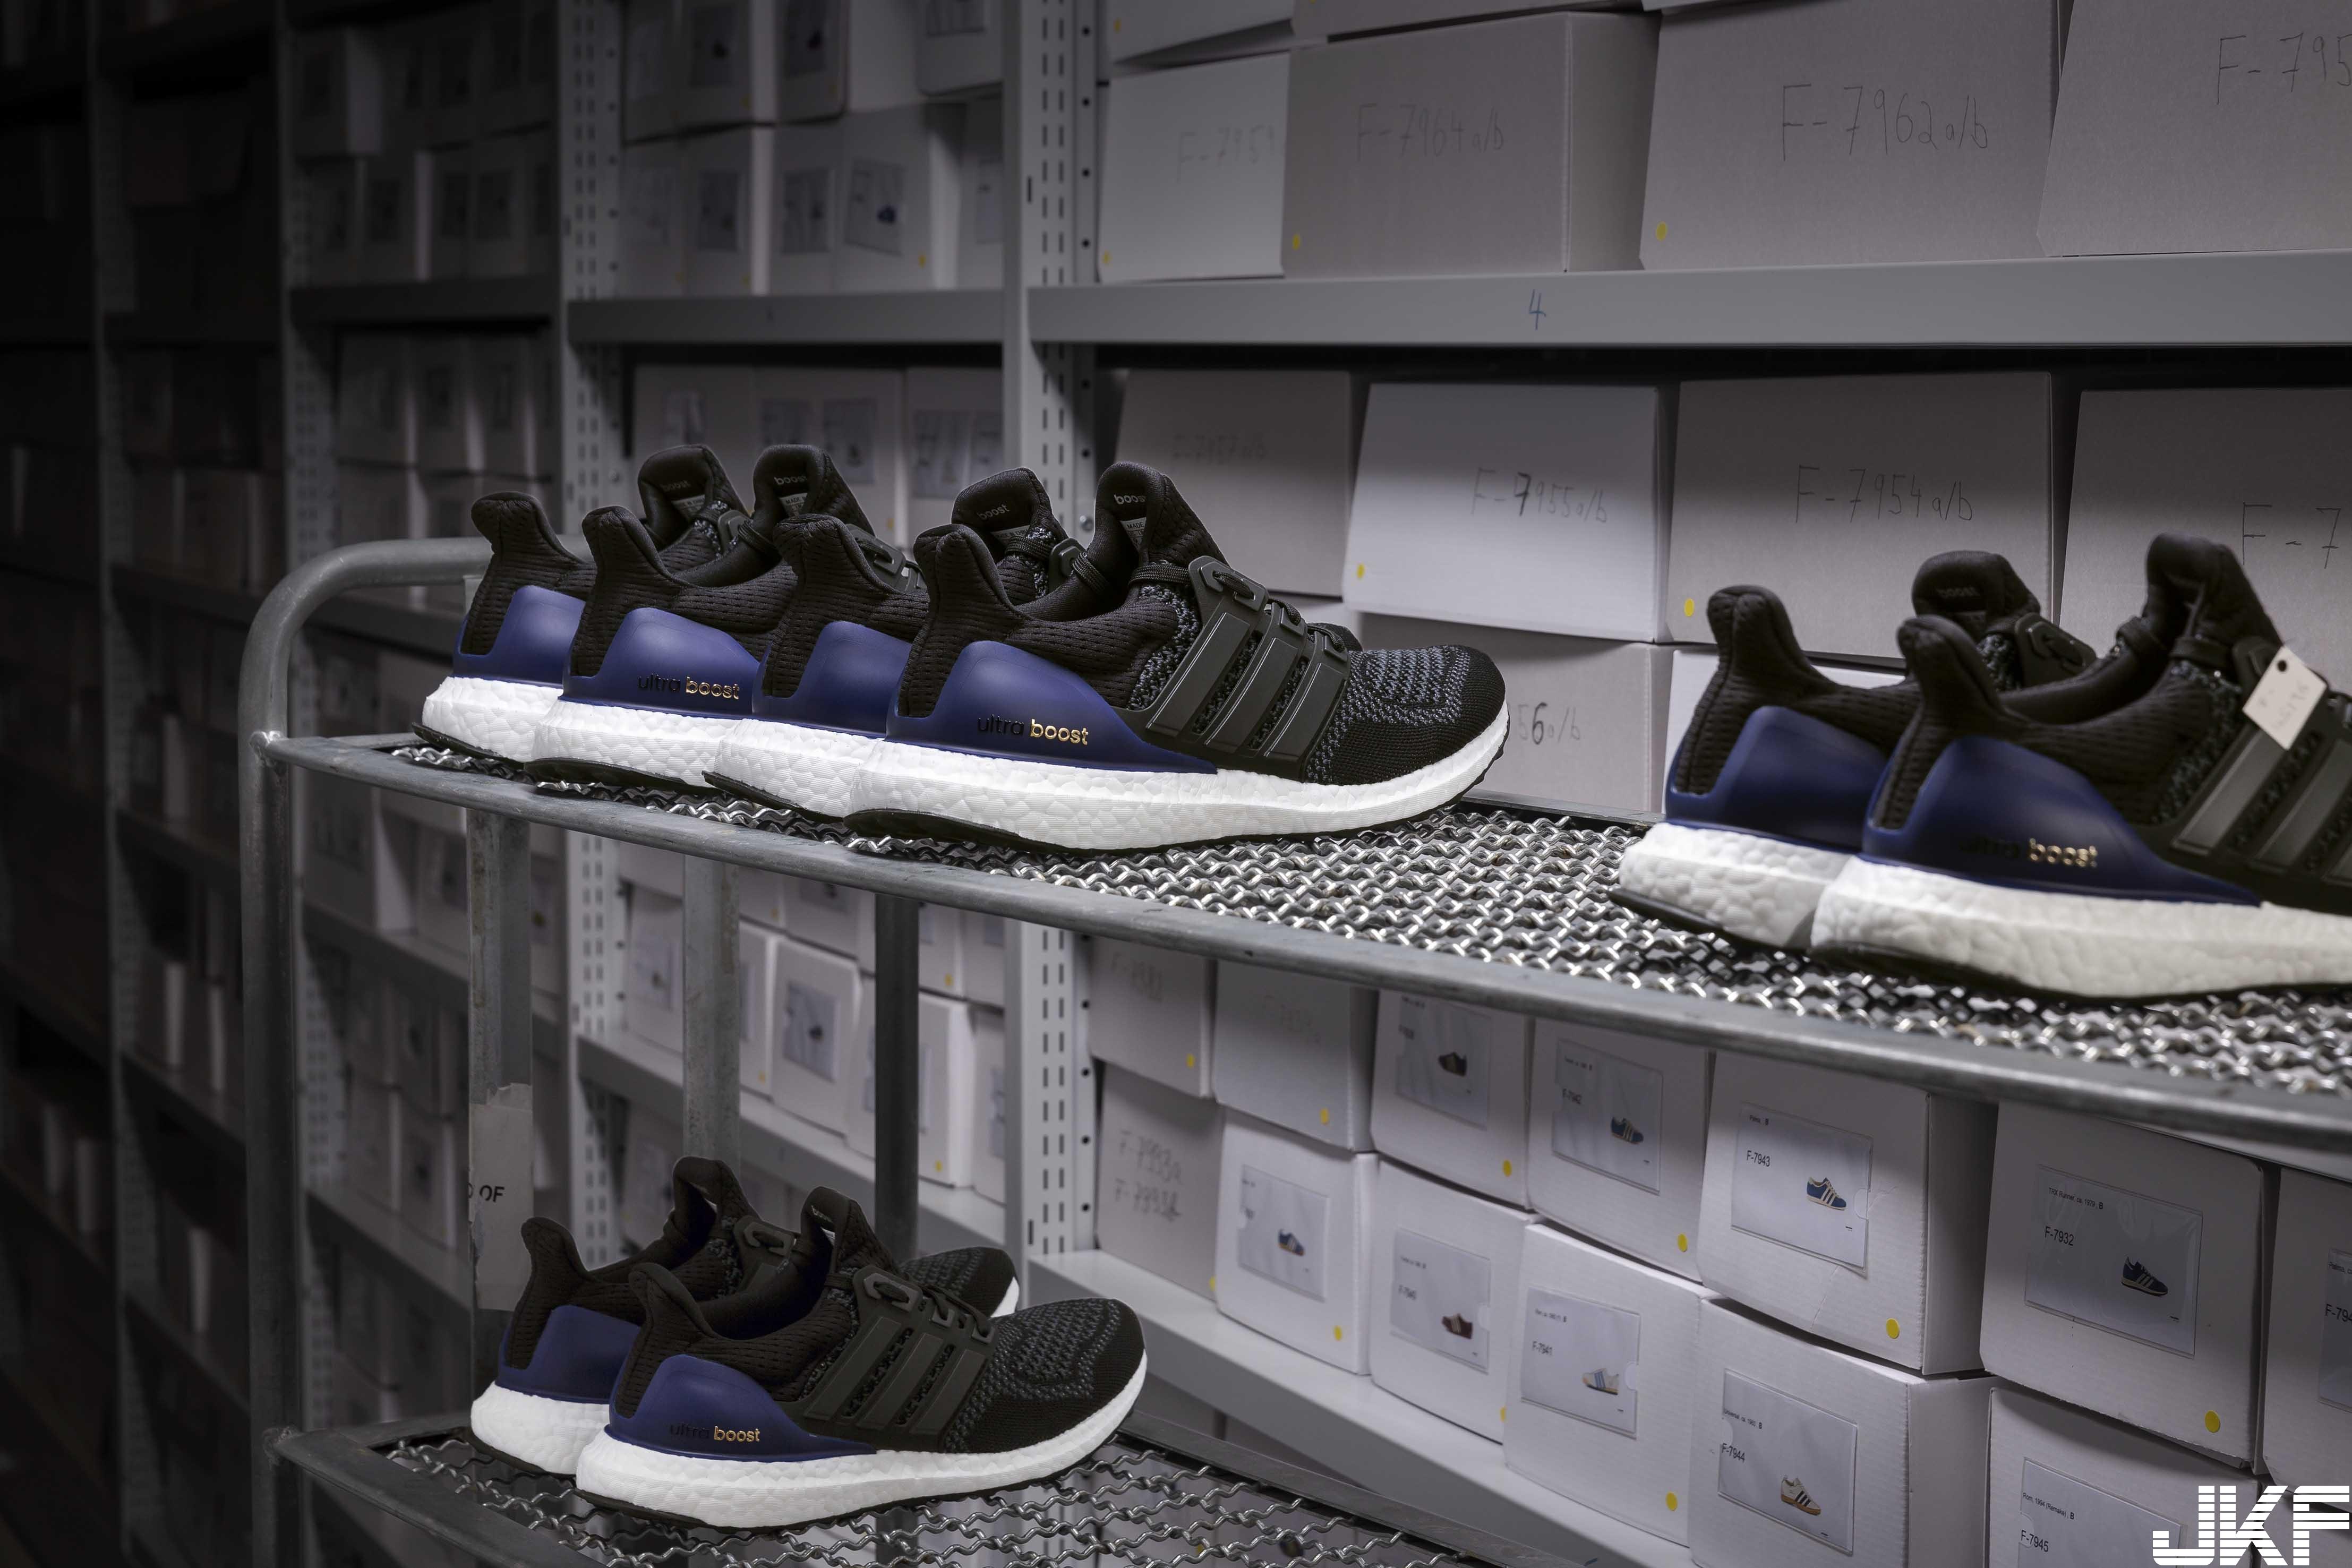 3.全新限量的UltraBOOST跑鞋,搭載adidas招牌BOOST中底,提供足部無與倫比的能量回饋.jpg